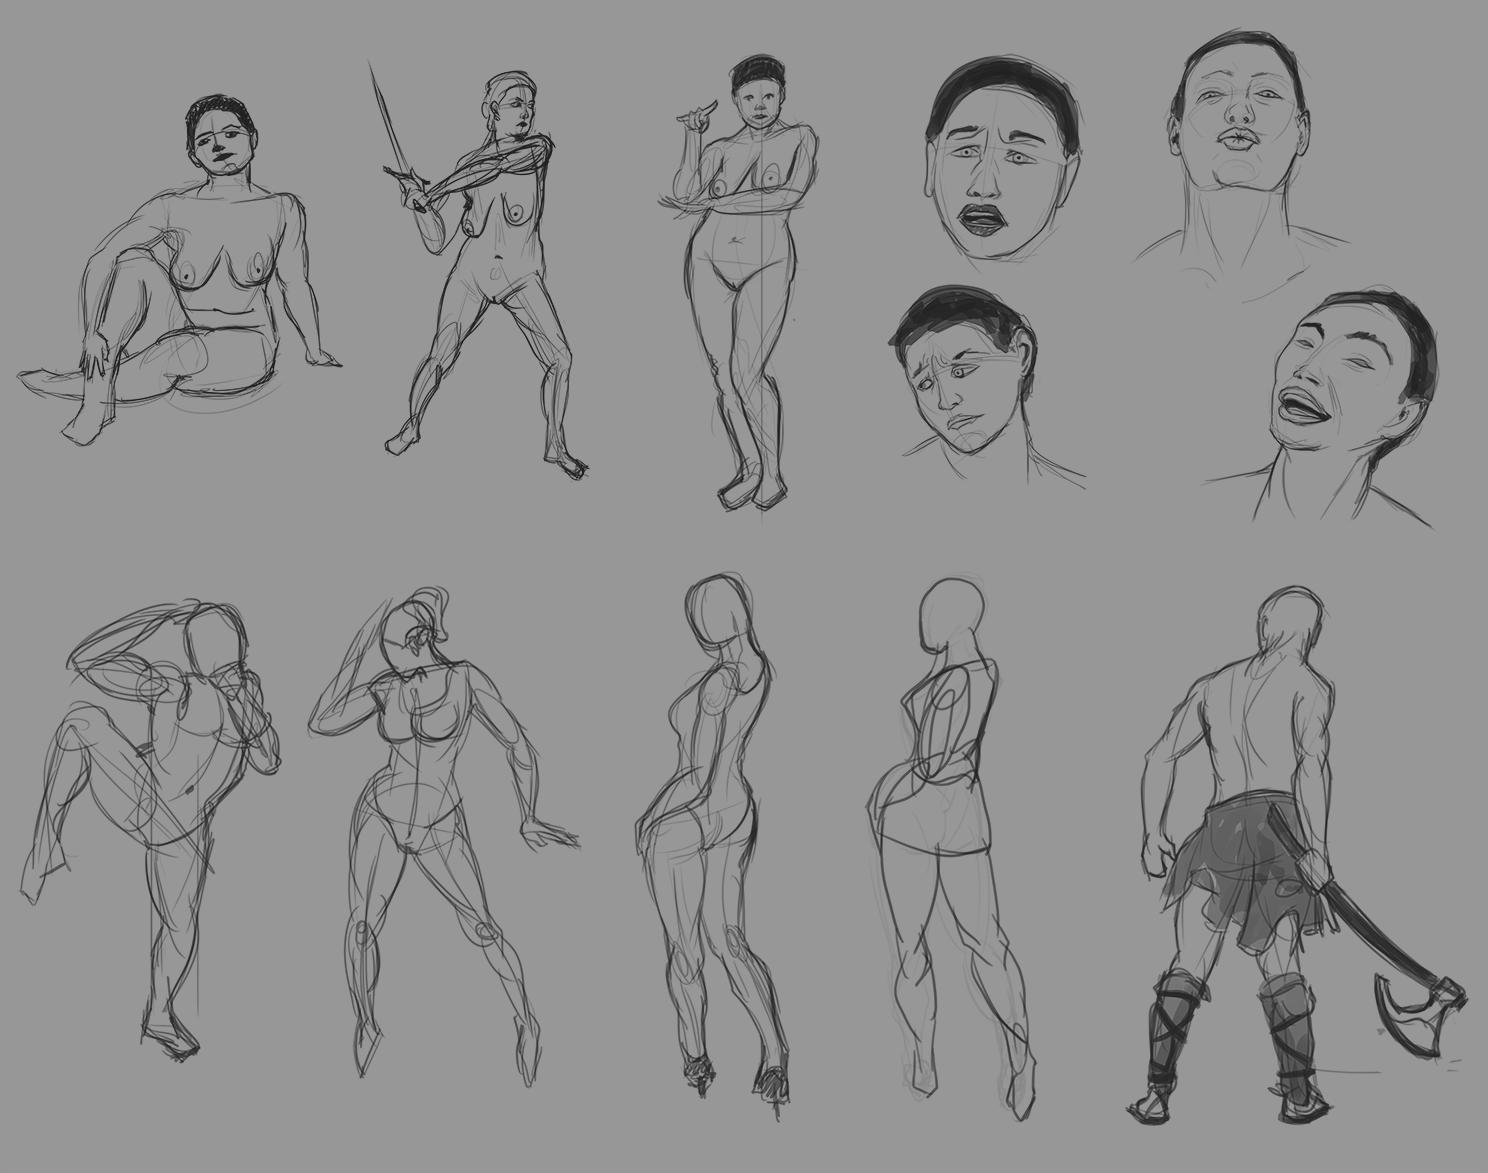 XaB au travail ! [nudity inside] - Page 5 Studies_2016-02-24_Postures